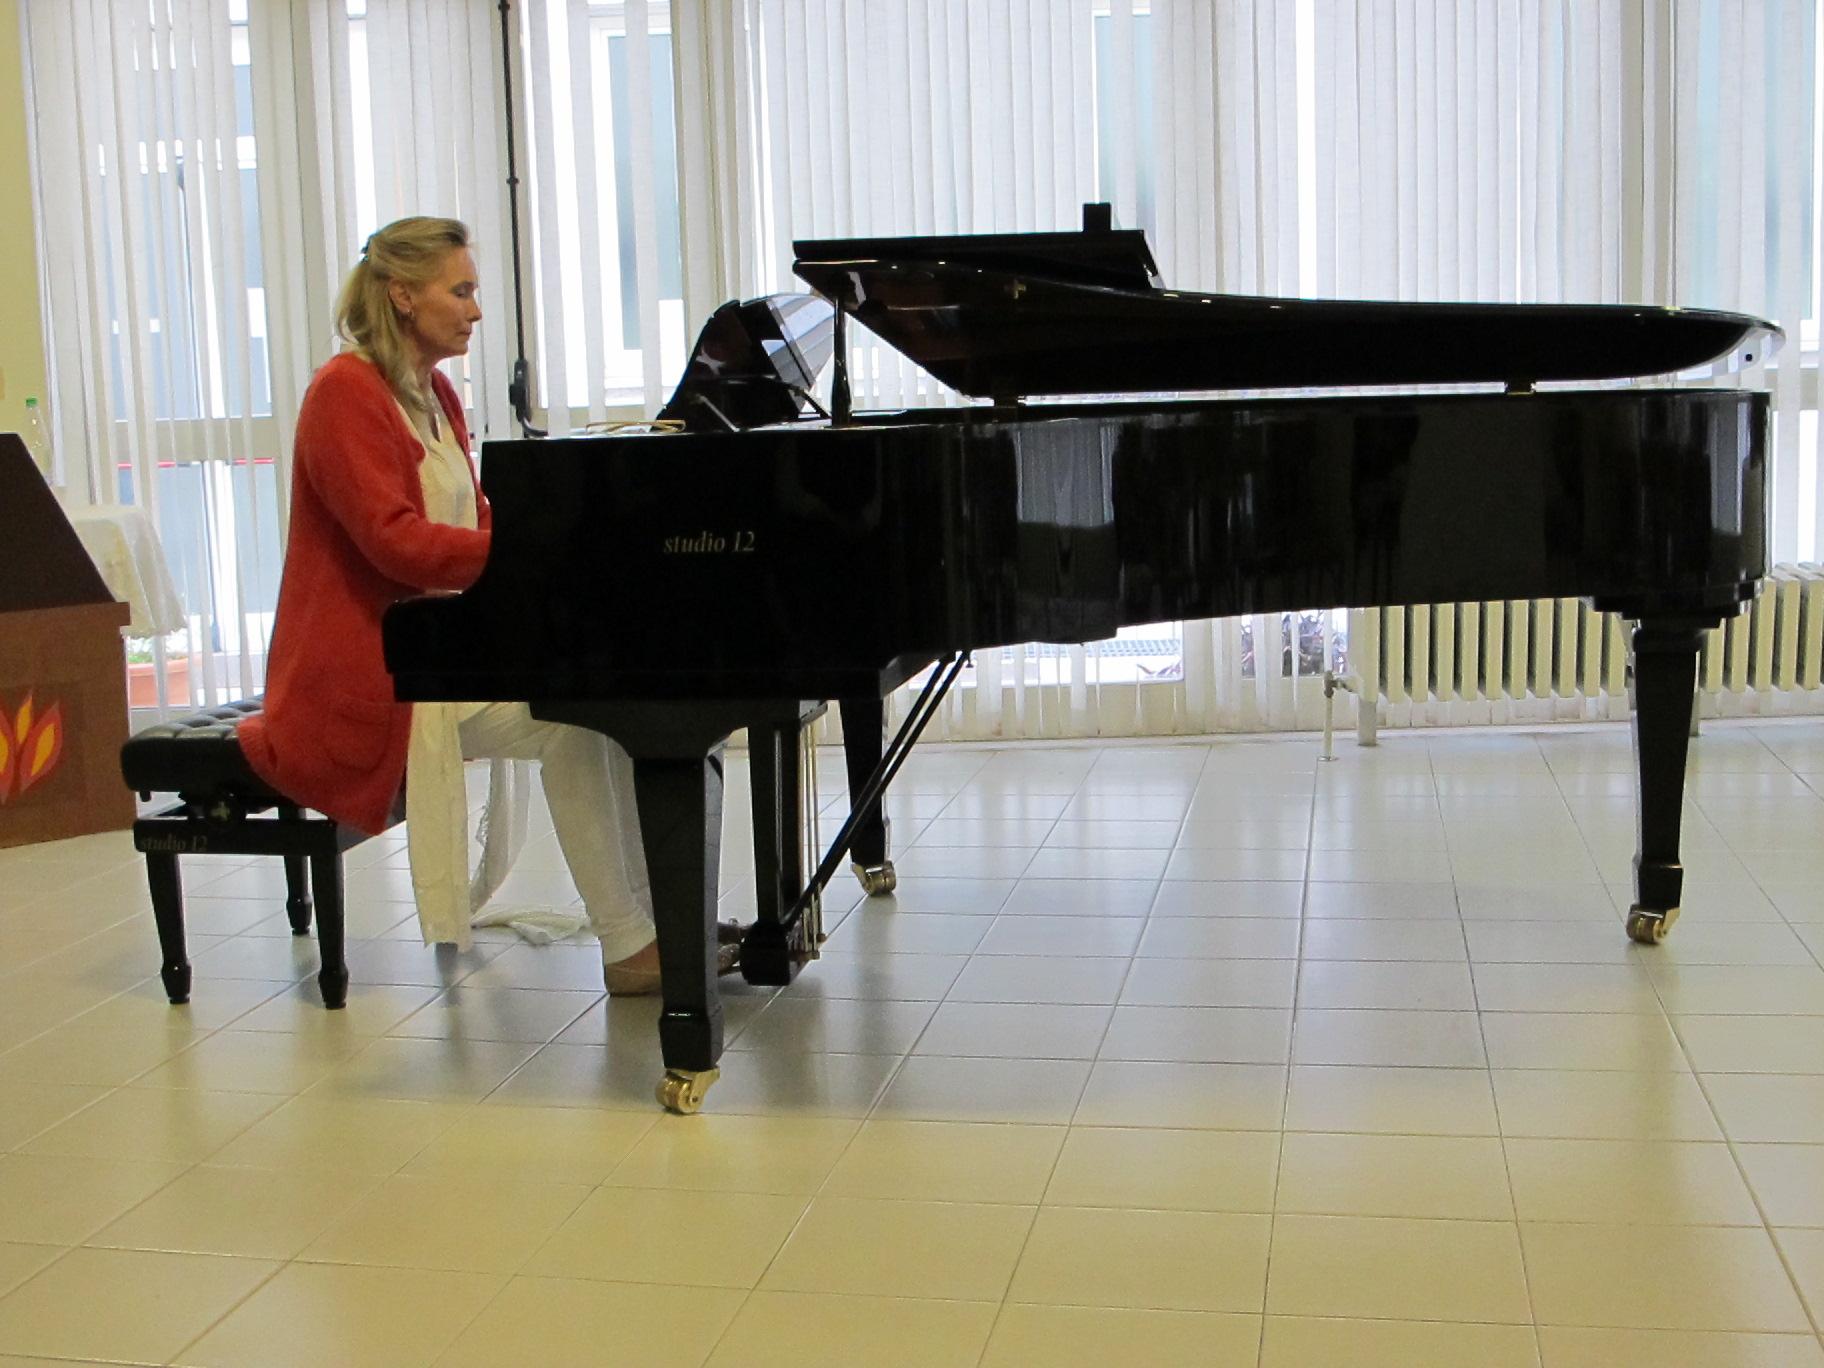 Prossimo concerto della pianista Elizabeth Sombart.